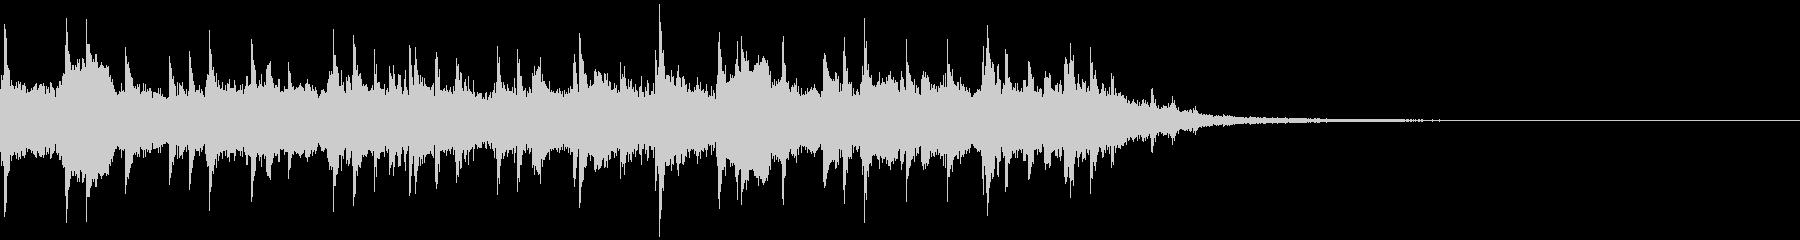 沖縄ソング 三線のソロ 12秒 癒しの未再生の波形